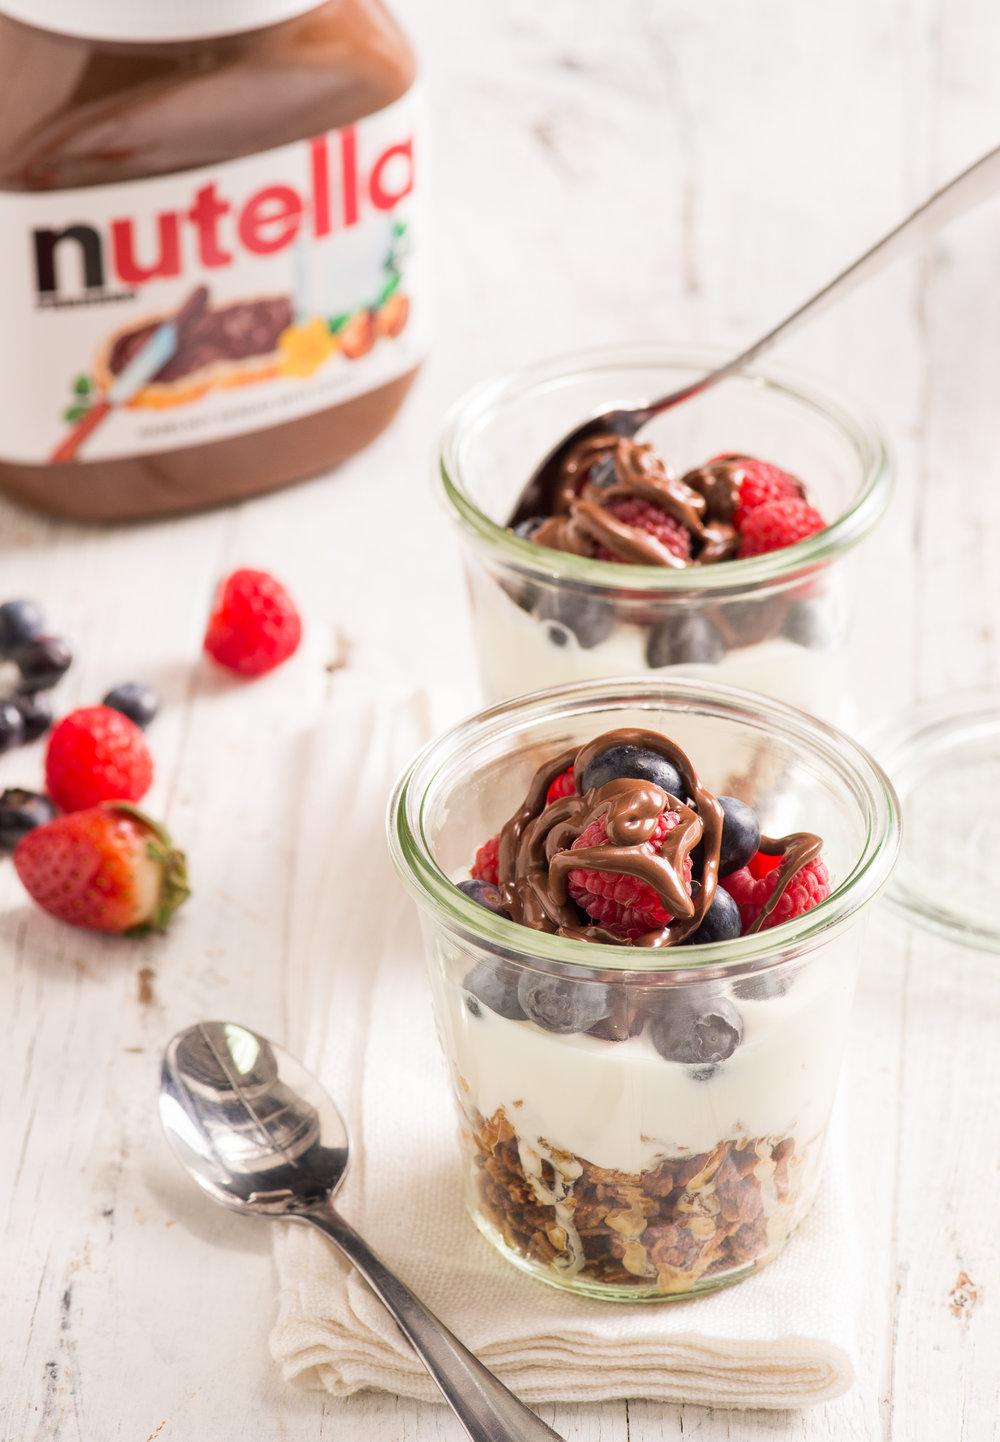 Nutella_FoodTruck_CREDIT_DominicLoneragan_060617_0012.jpg